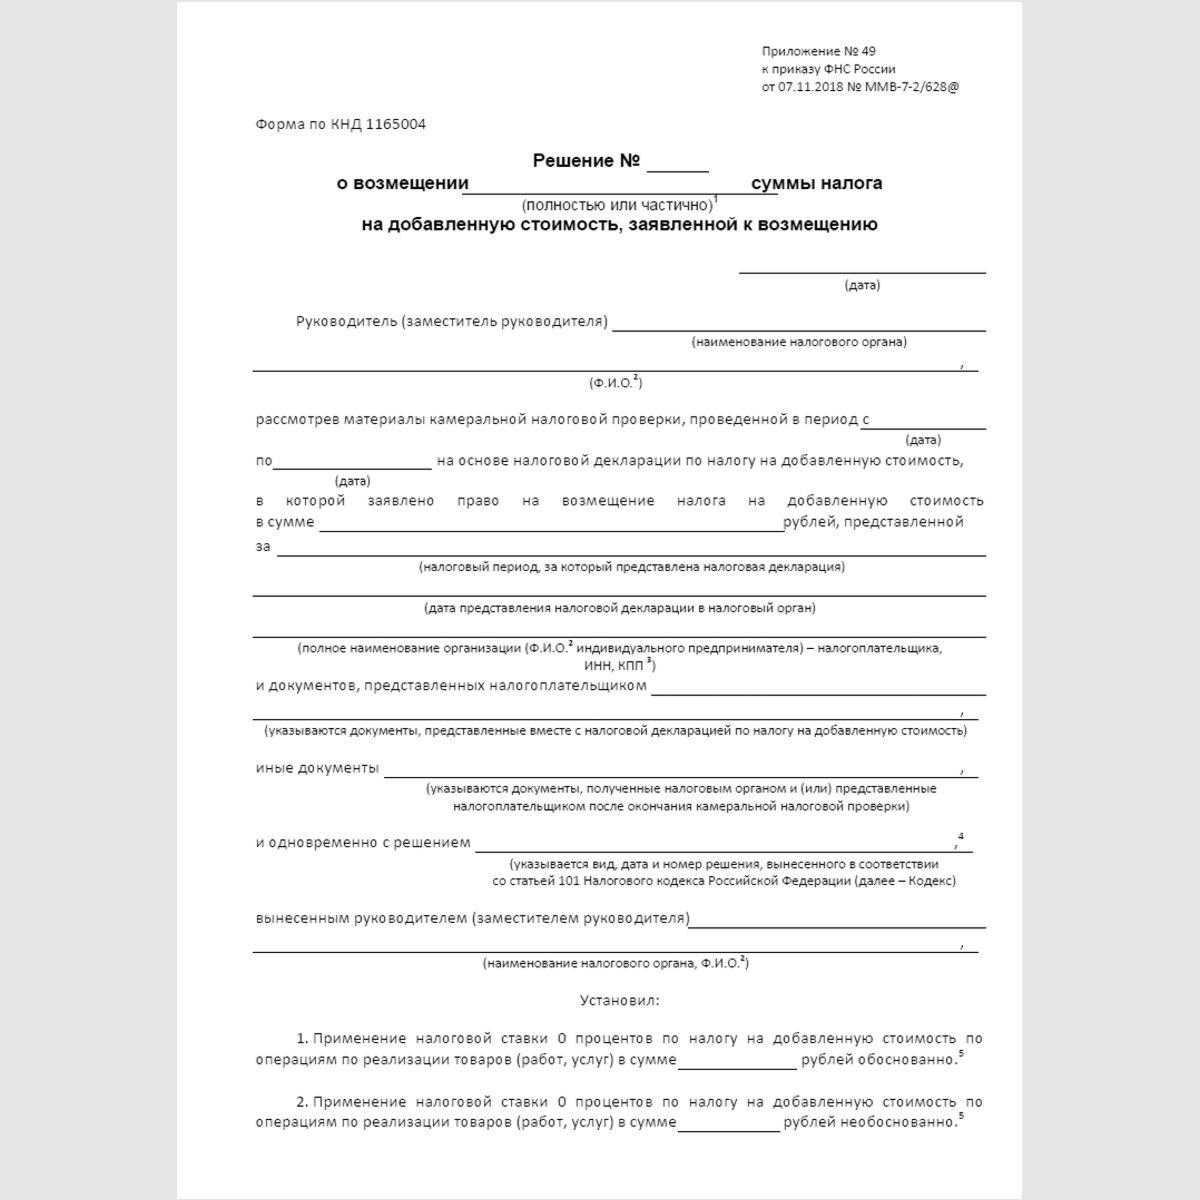 """Форма КНД 1165004 """"Решение о возмещении (полностью или частично) суммы налога на добавленную стоимость, заявленной к возмещению"""". Стр. 1"""